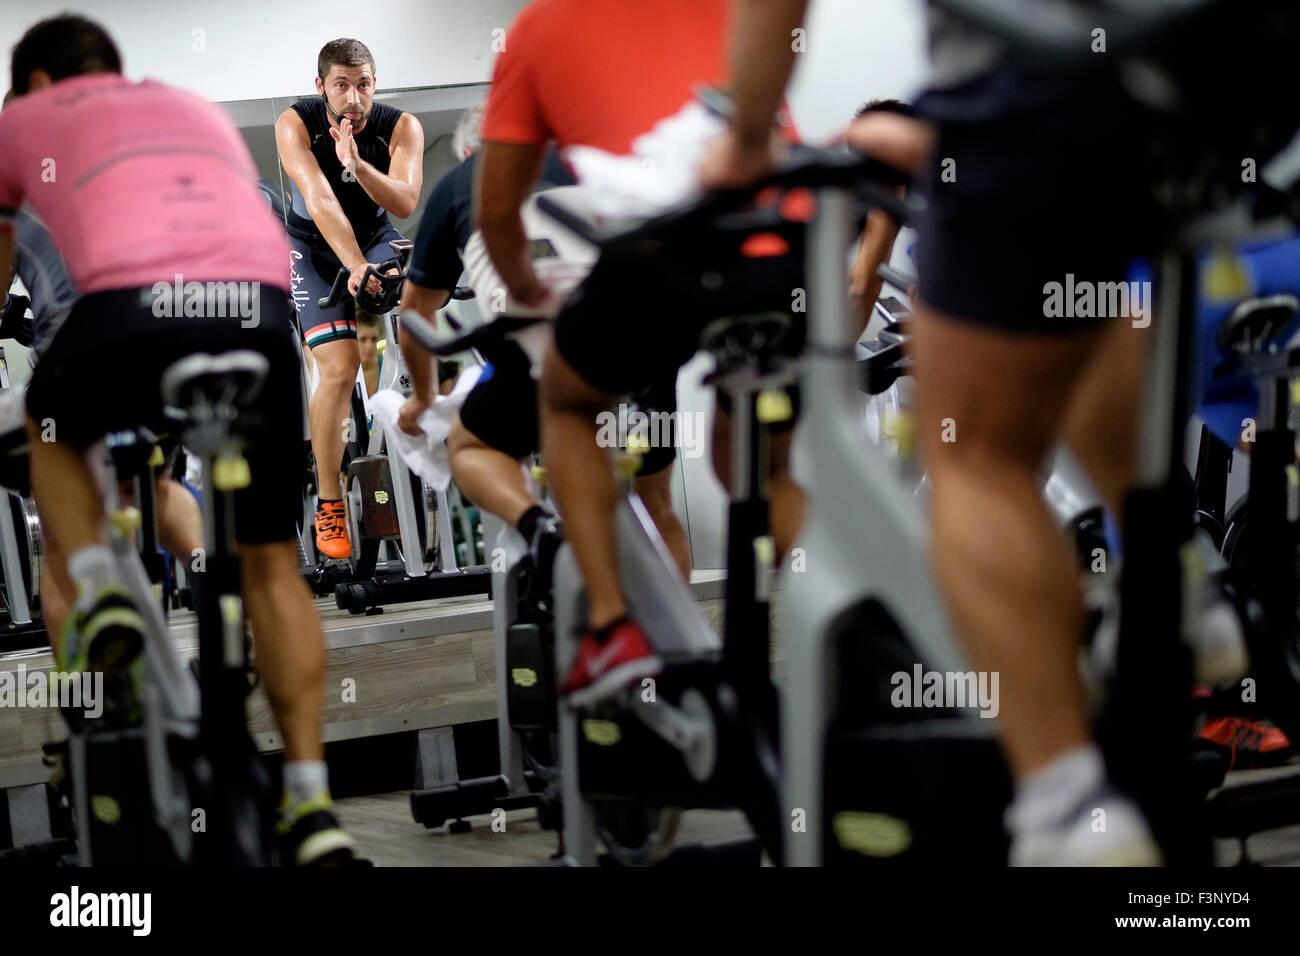 Istruttore di Fitness di fronte a persone di equitazione bicicletta stazionaria durante una lezione di spinning presso la palestra Foto Stock